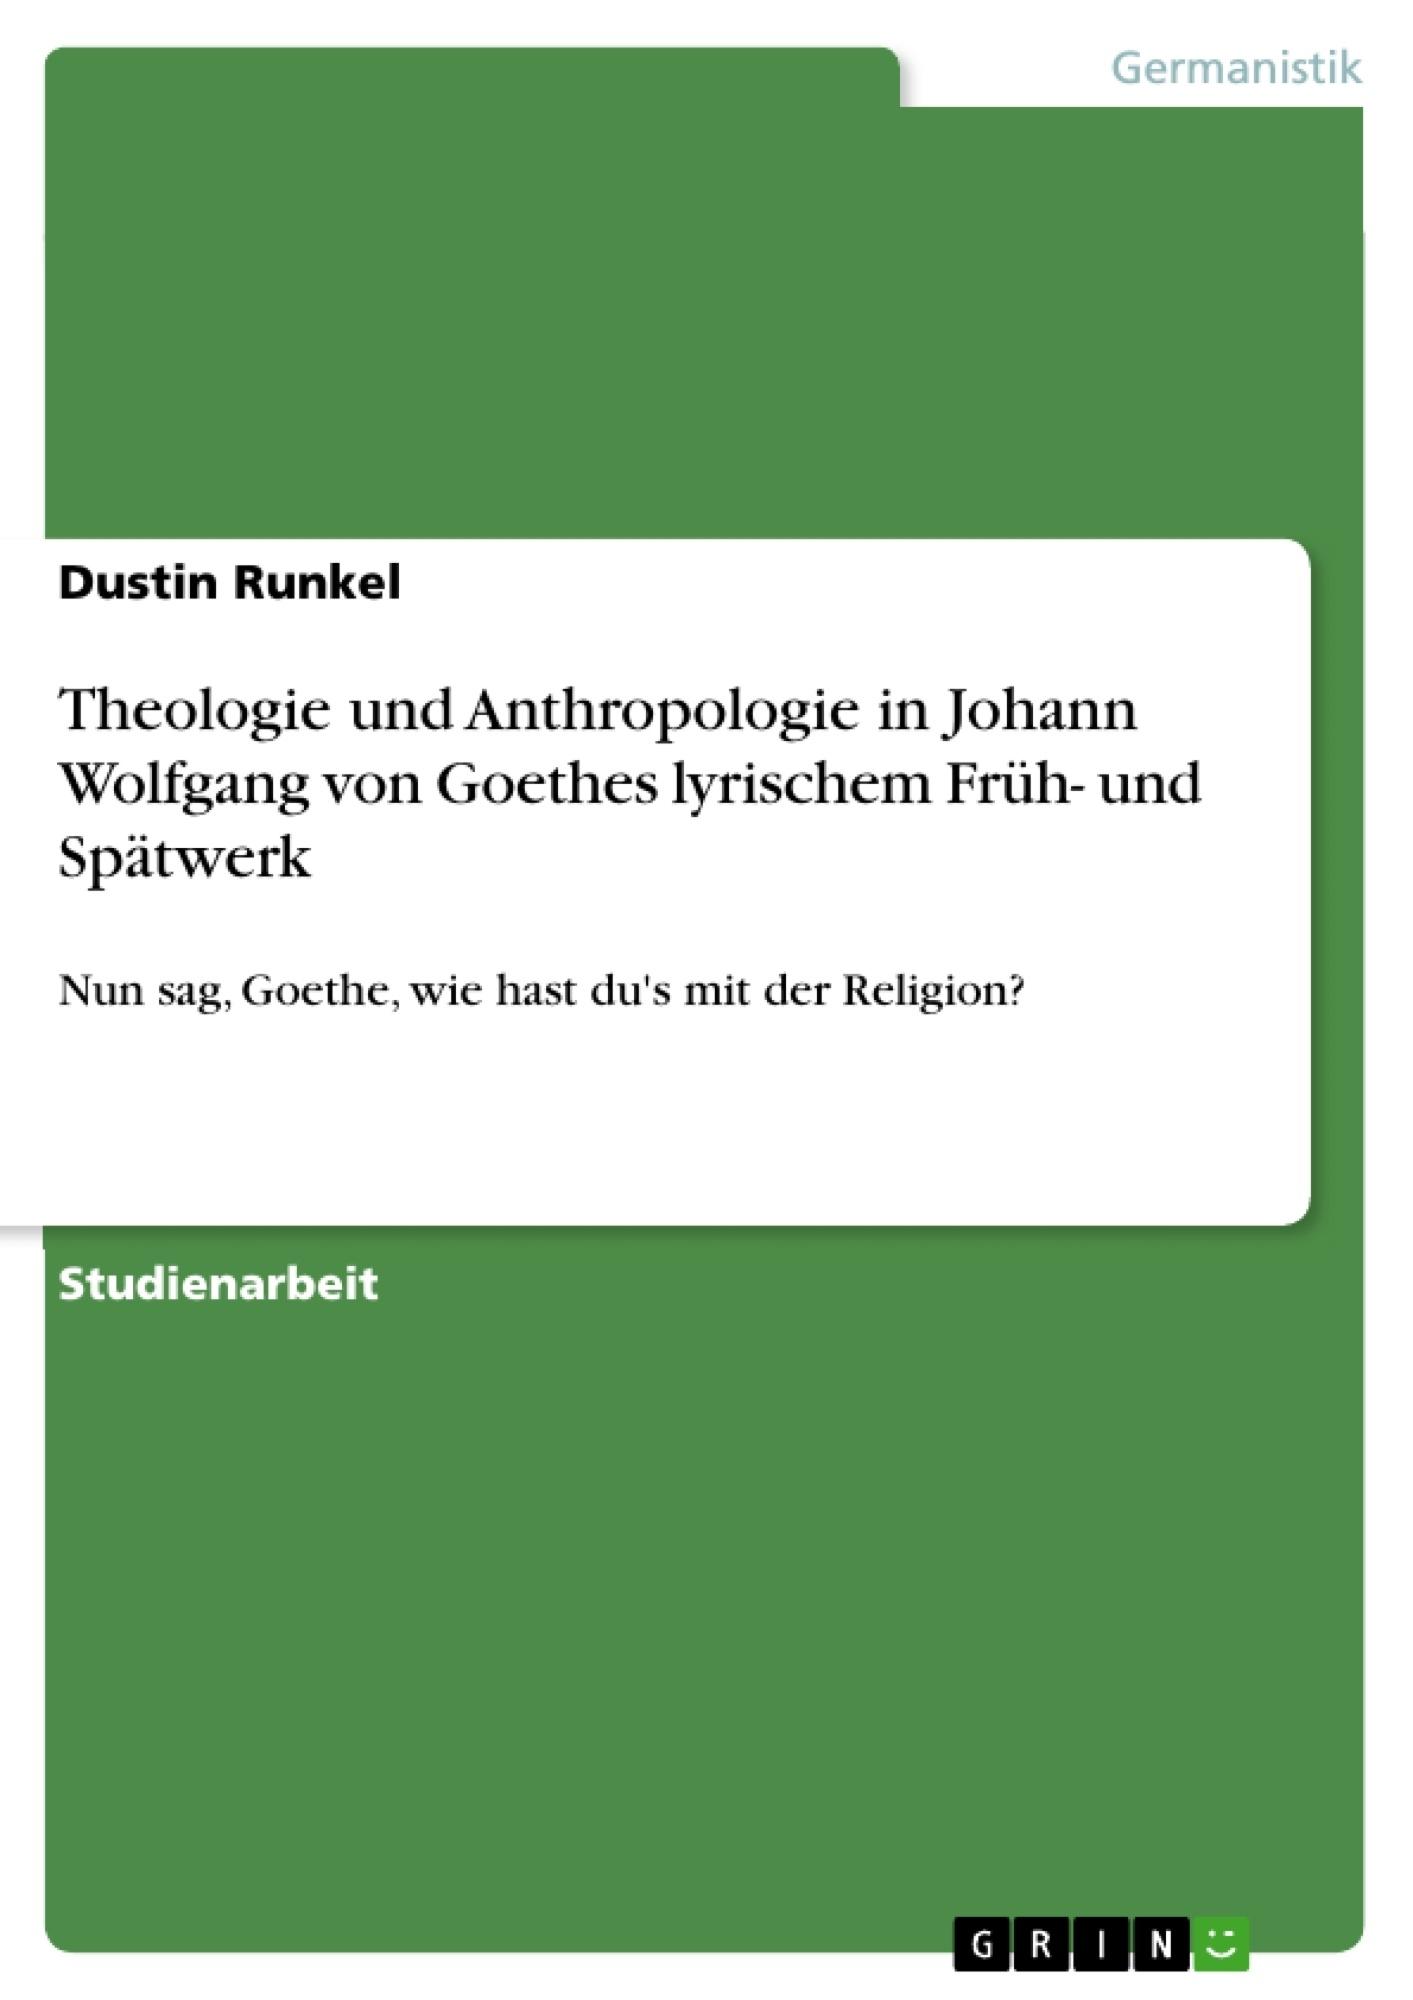 Titel: Theologie und Anthropologie in Johann Wolfgang von Goethes lyrischem Früh- und Spätwerk